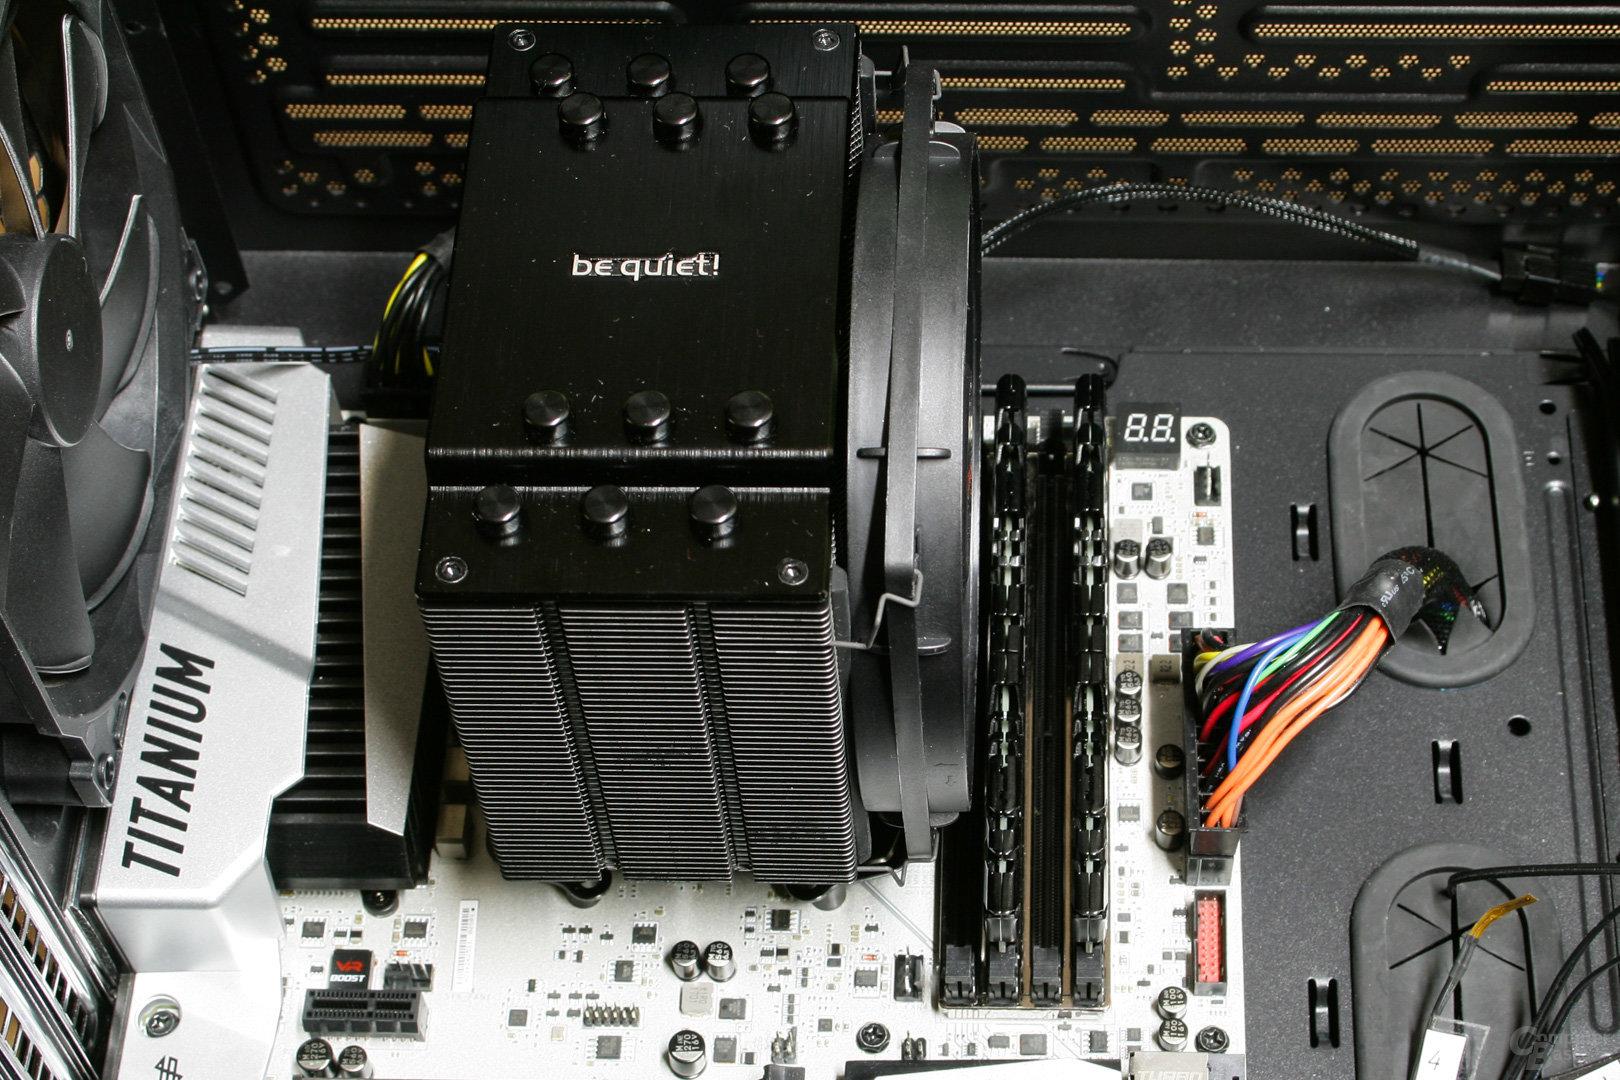 be quiet! Dark Rock 4 im Testsystem: Der erste RAM-Slot wird komplett überragt